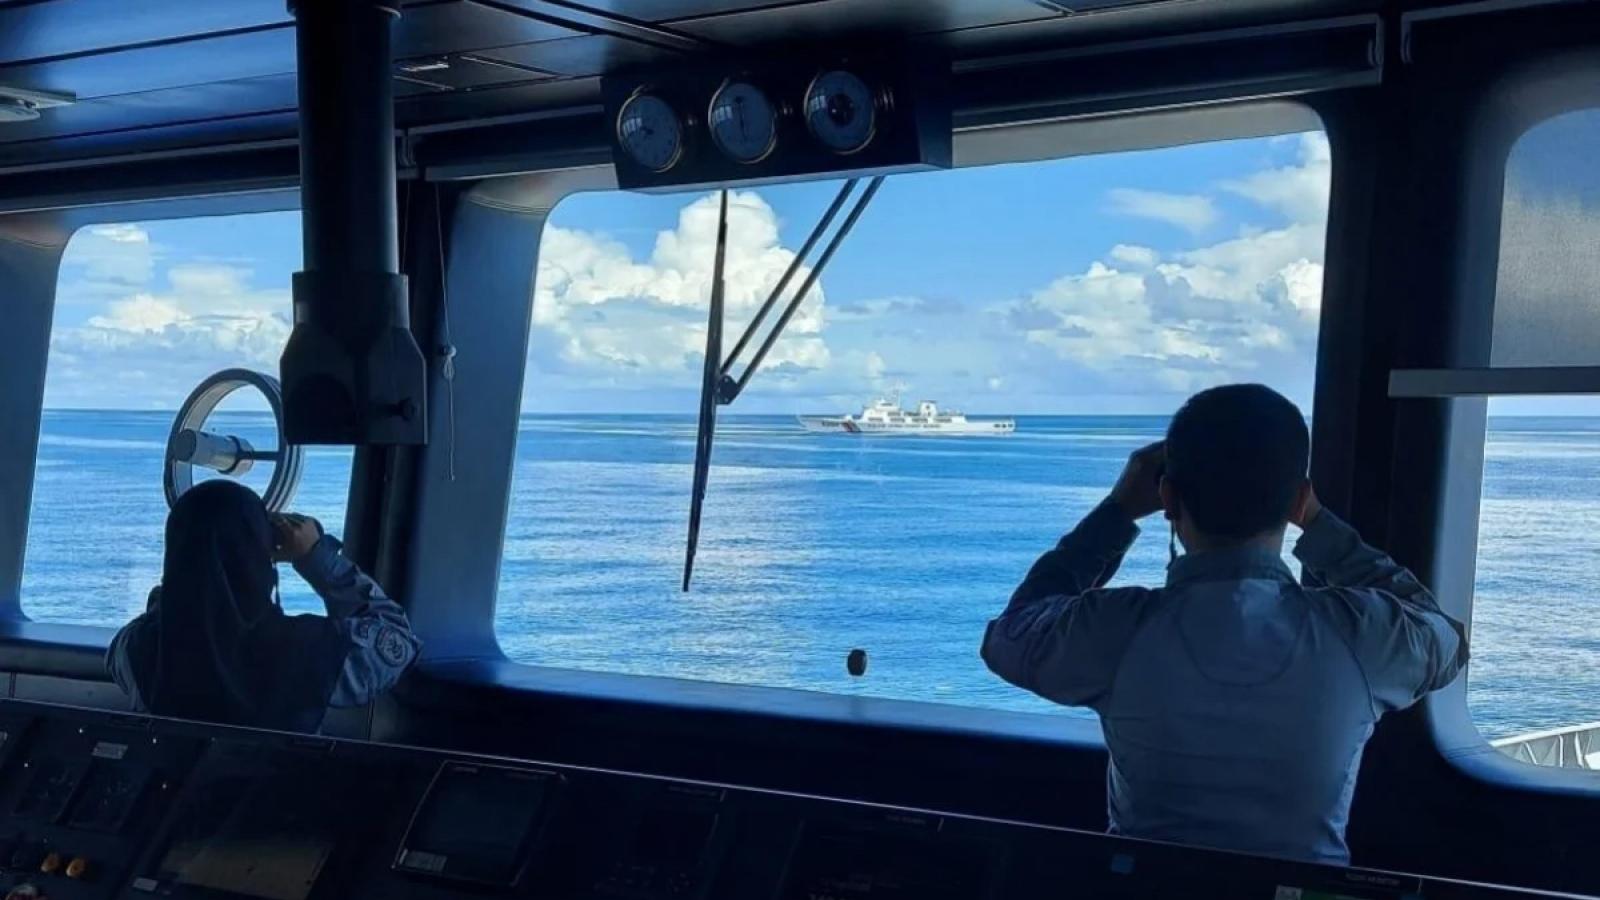 Hành động của Indonesia có đủ cứng rắn để răn đe Trung Quốc ở Biển Đông?